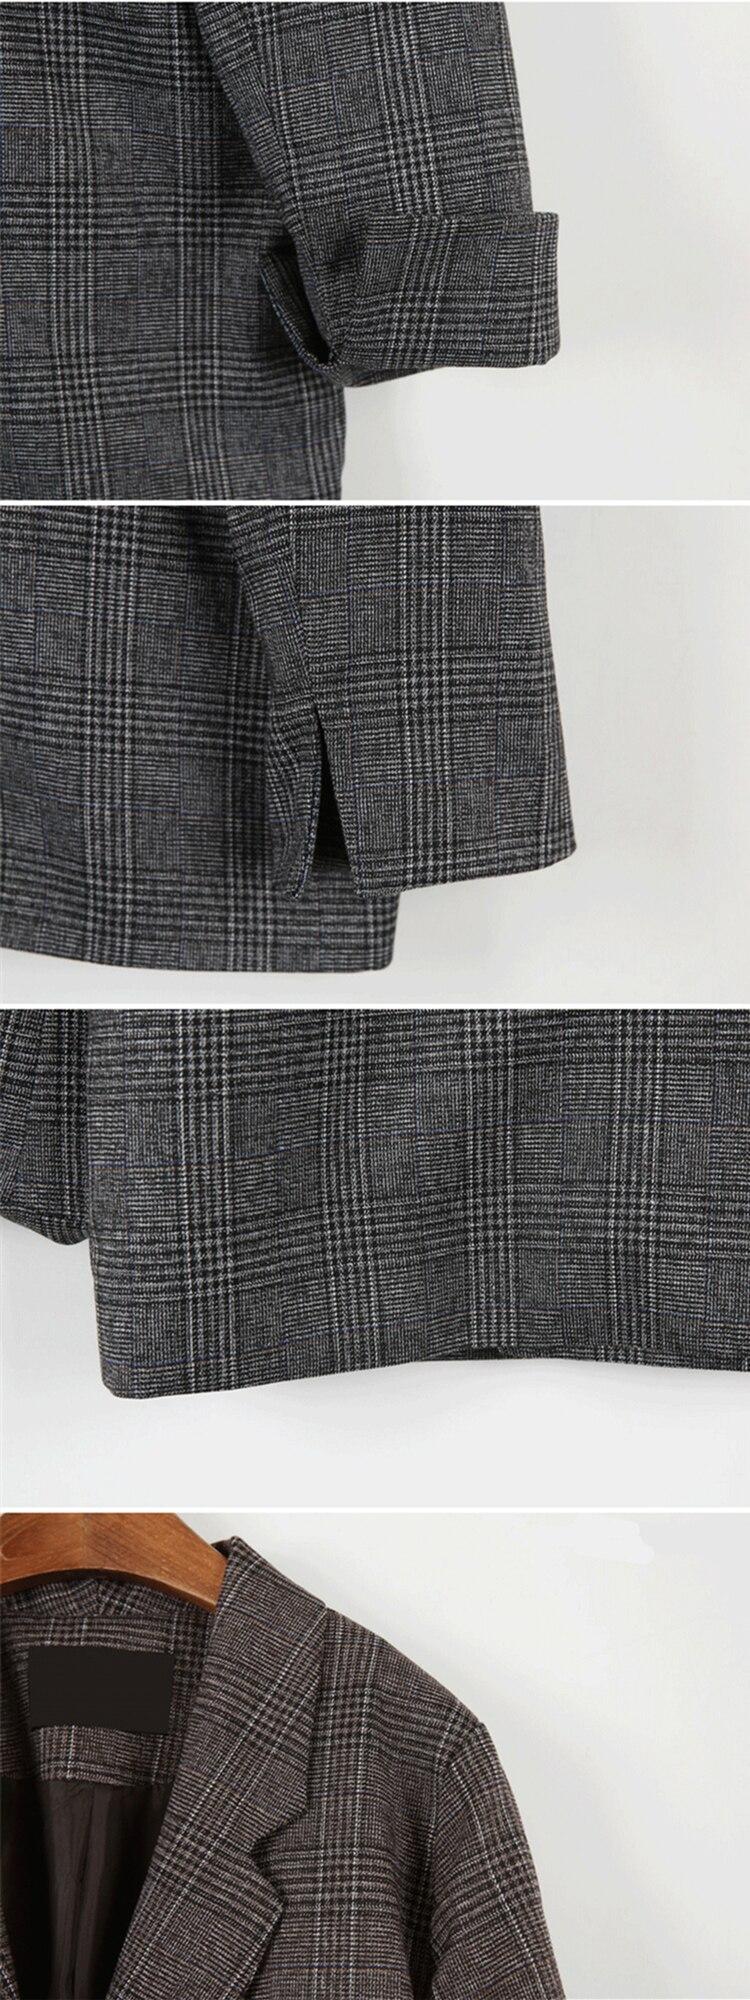 Colorfiath casaco feminino, xadrez bolsos formais modelados